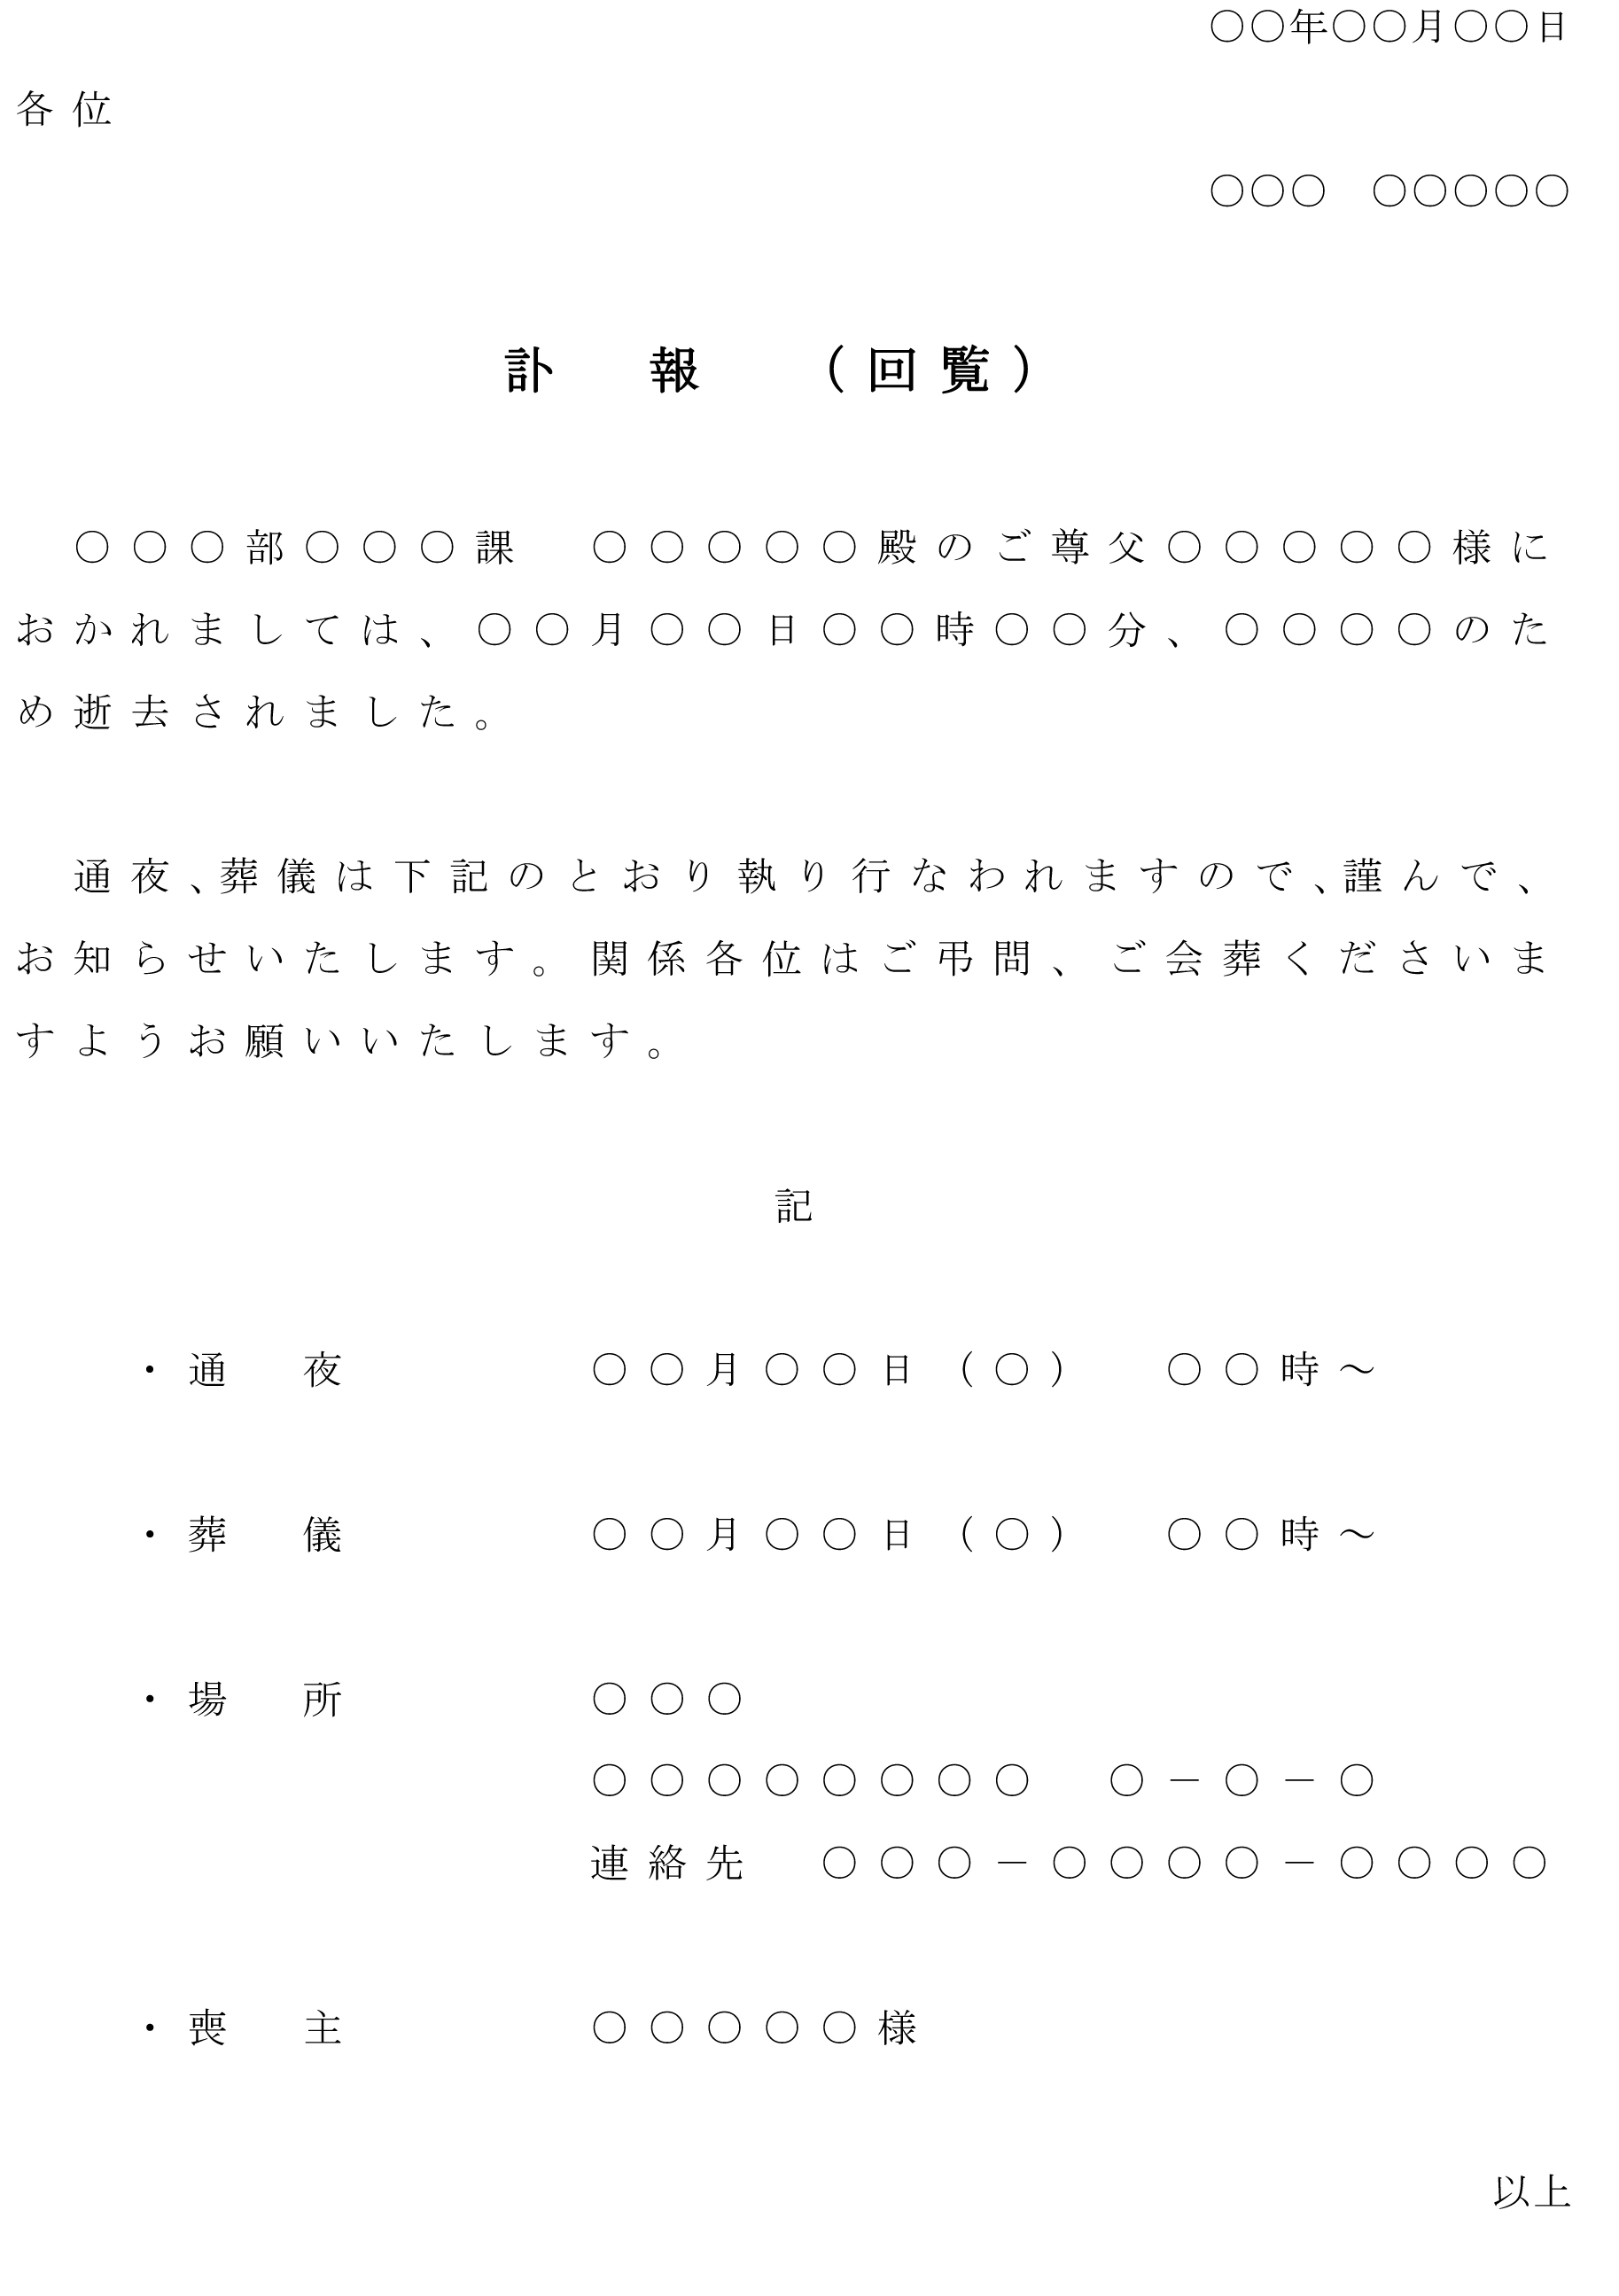 訃報(回覧)02